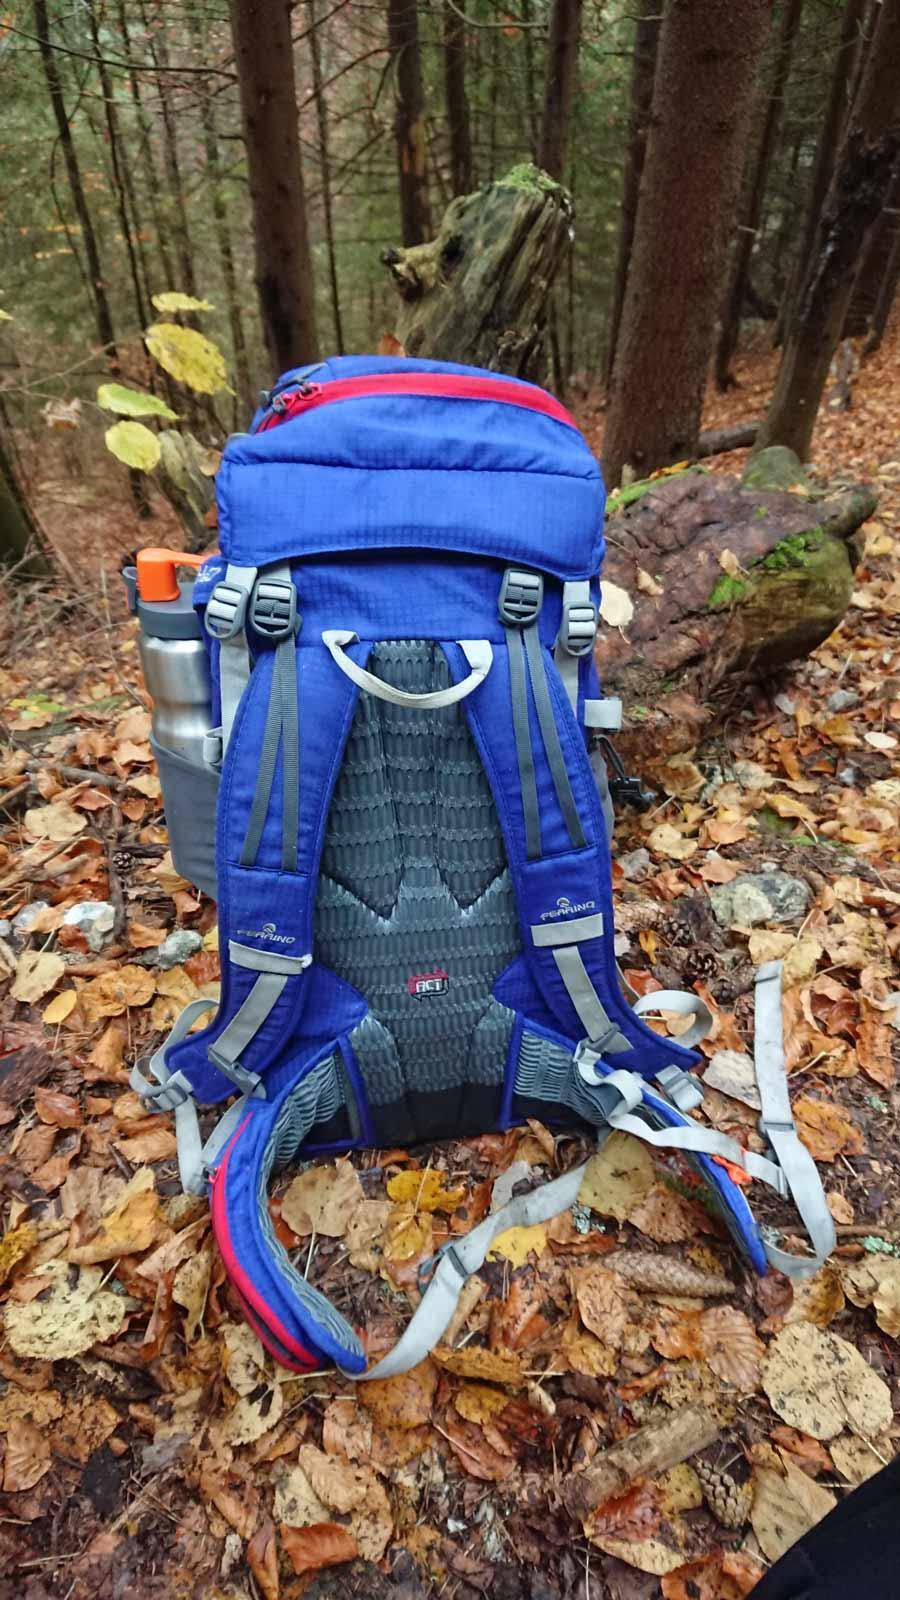 Chrbtový systém ruksaku Ferrino Triolet 32 + 5 / recenzia